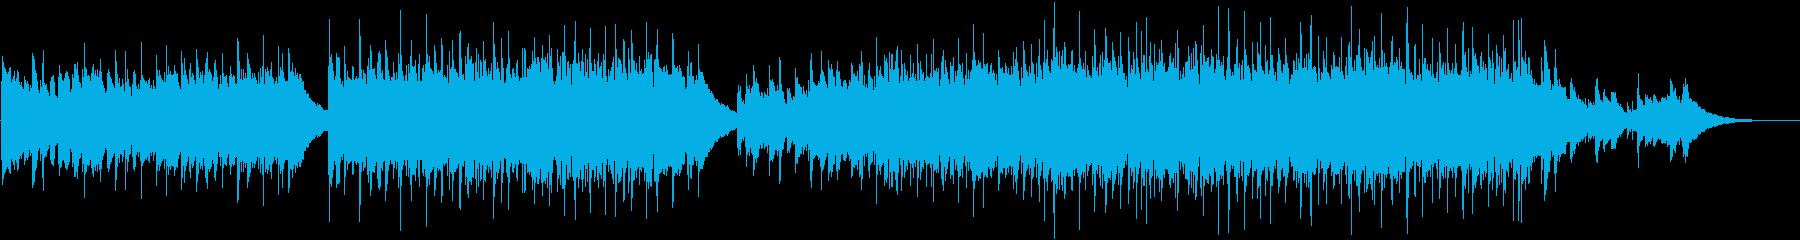 ポップインスト。さわやかな気楽な音...の再生済みの波形